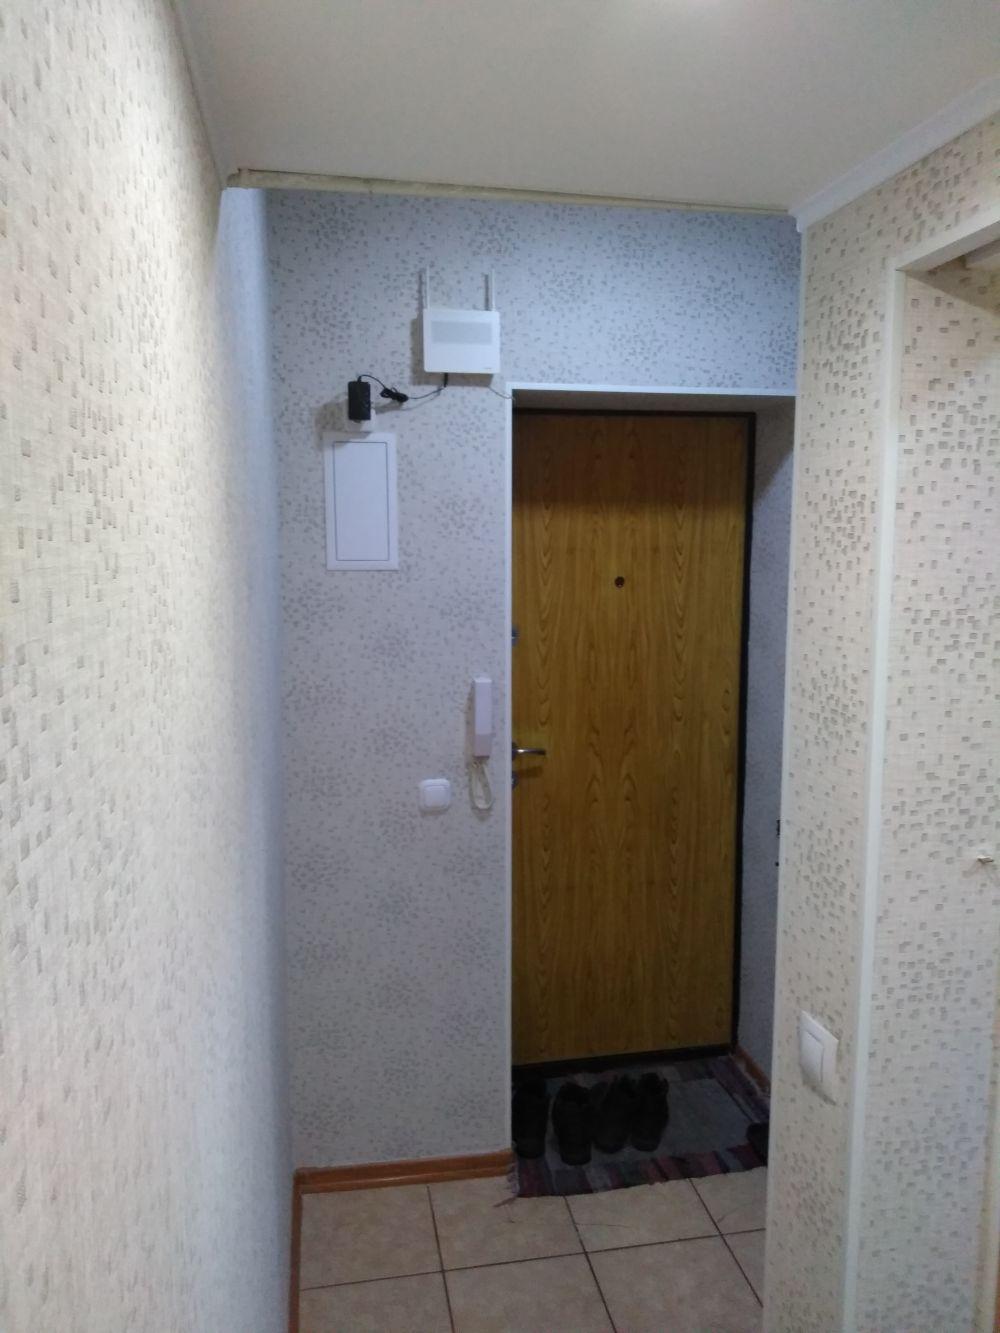 Мурманск — 1-комн. квартира, 30 м² – Либкнехта, 31 (30 м²) — Фото 1